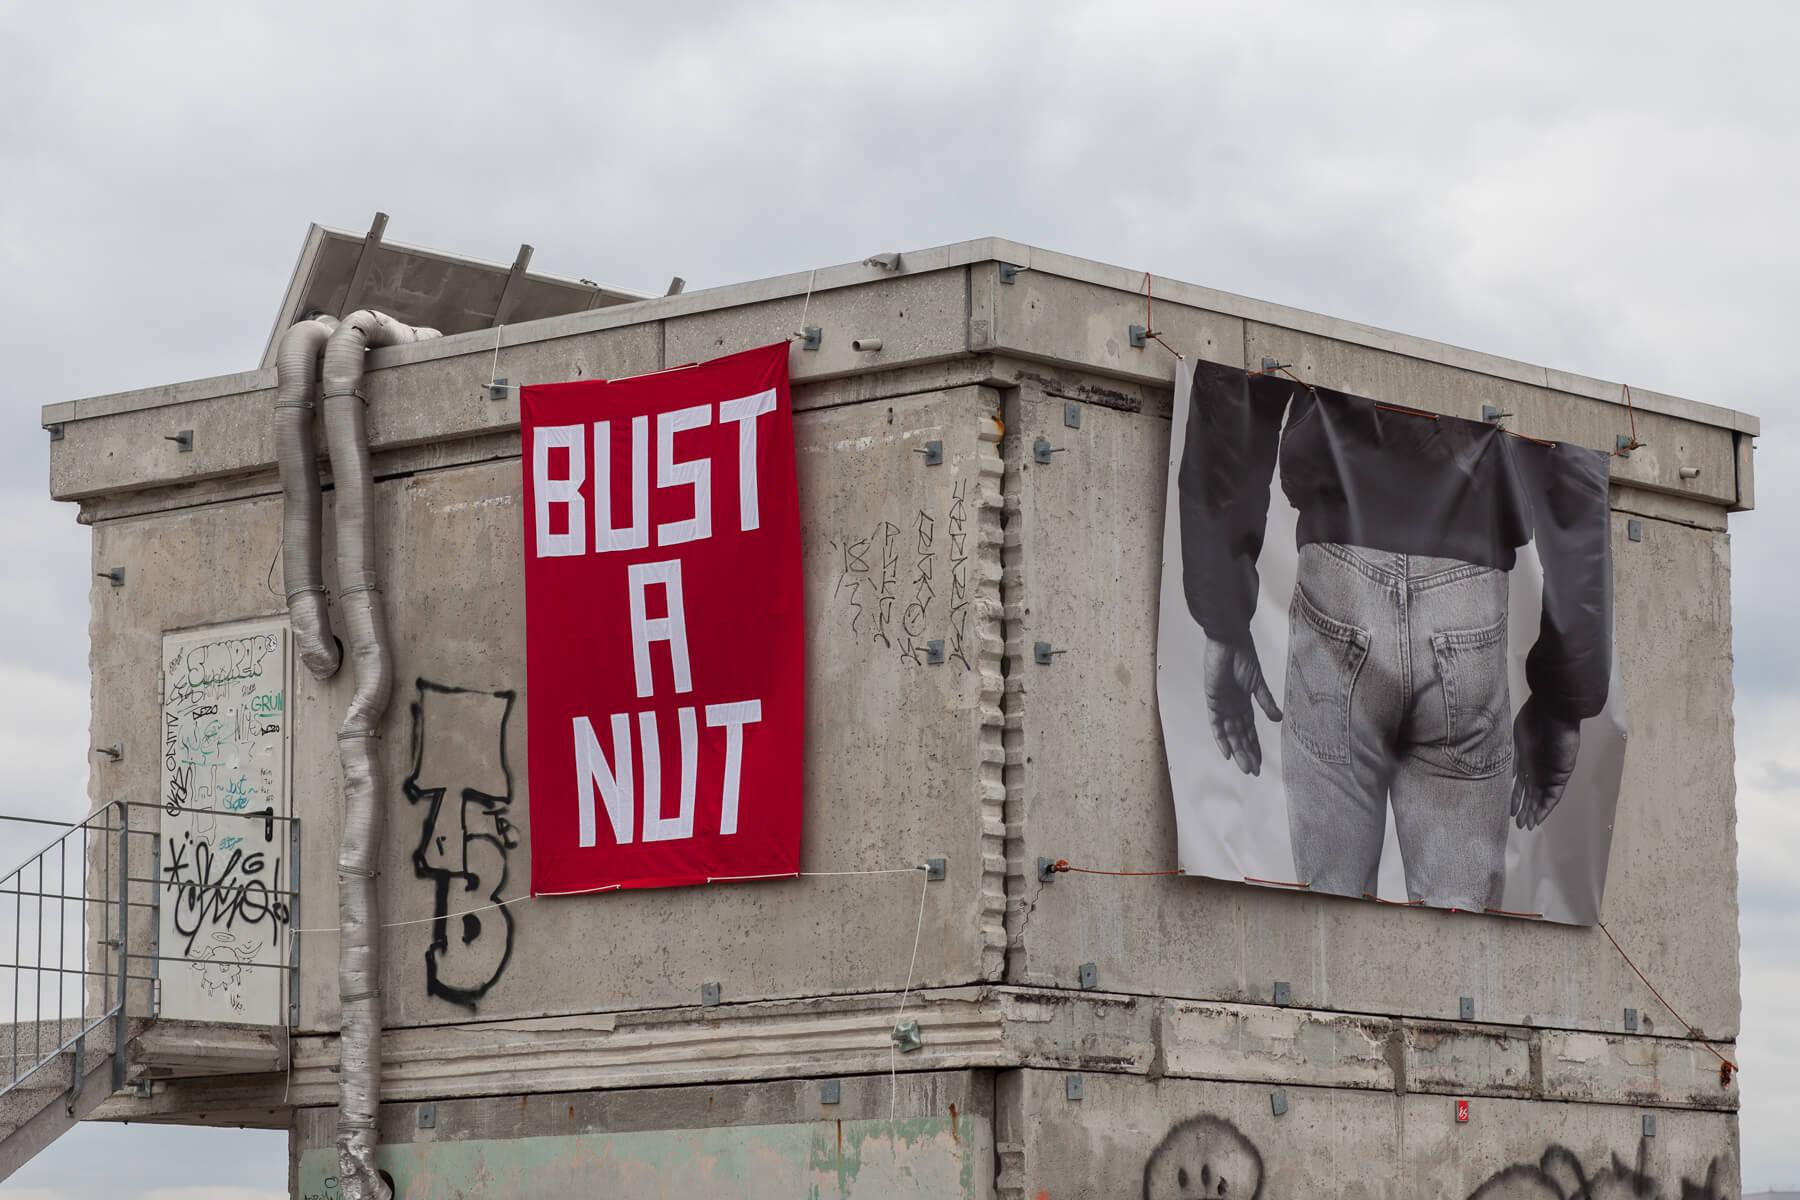 Robin Kirchner Bust A Nut Berlin